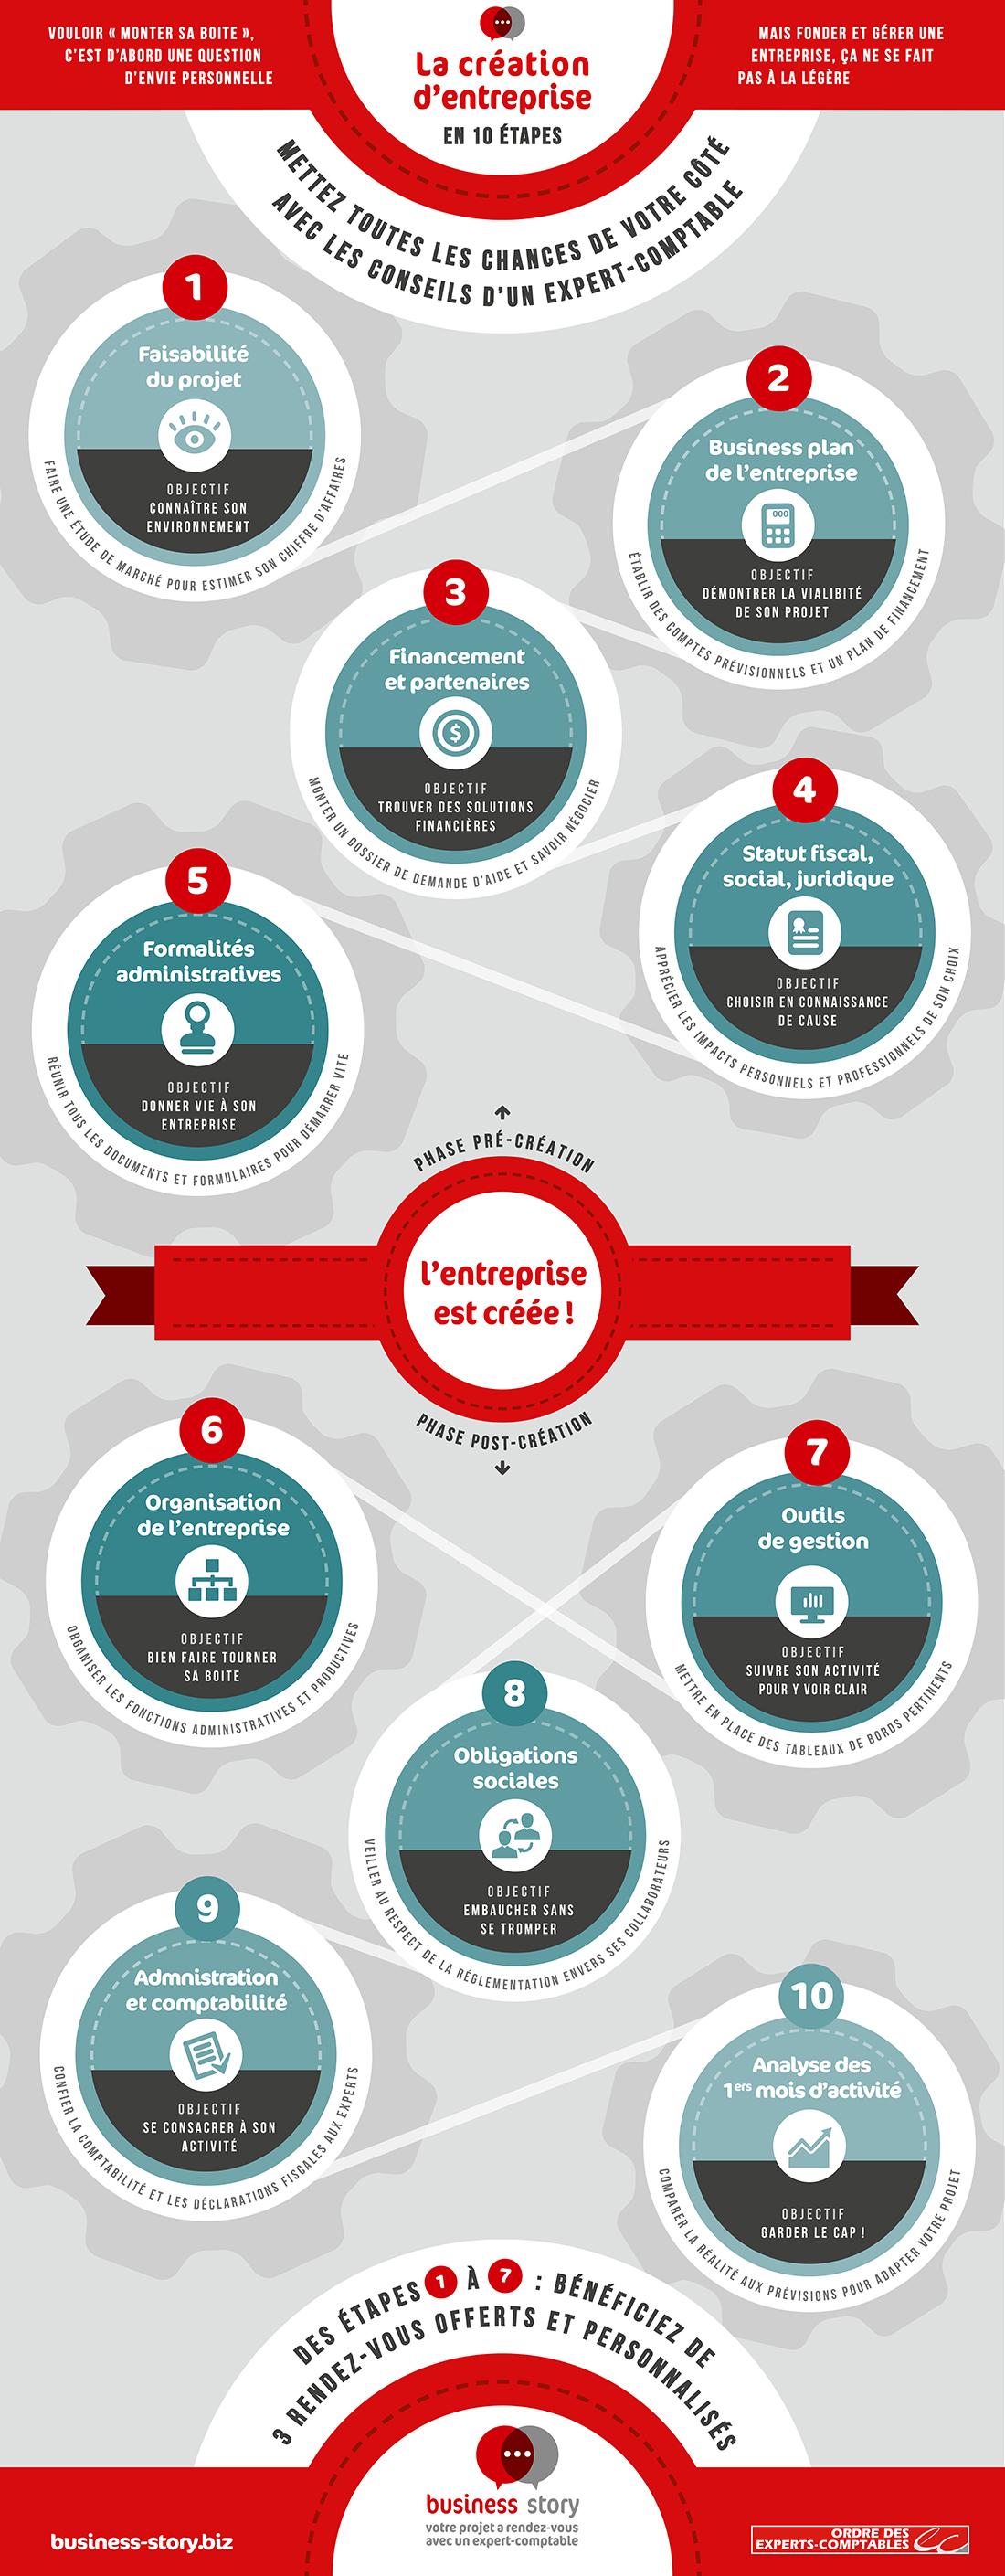 Business story cr ateur d 39 entreprise chef d 39 entreprise - Liste des cabinets d expertise comptable au senegal ...